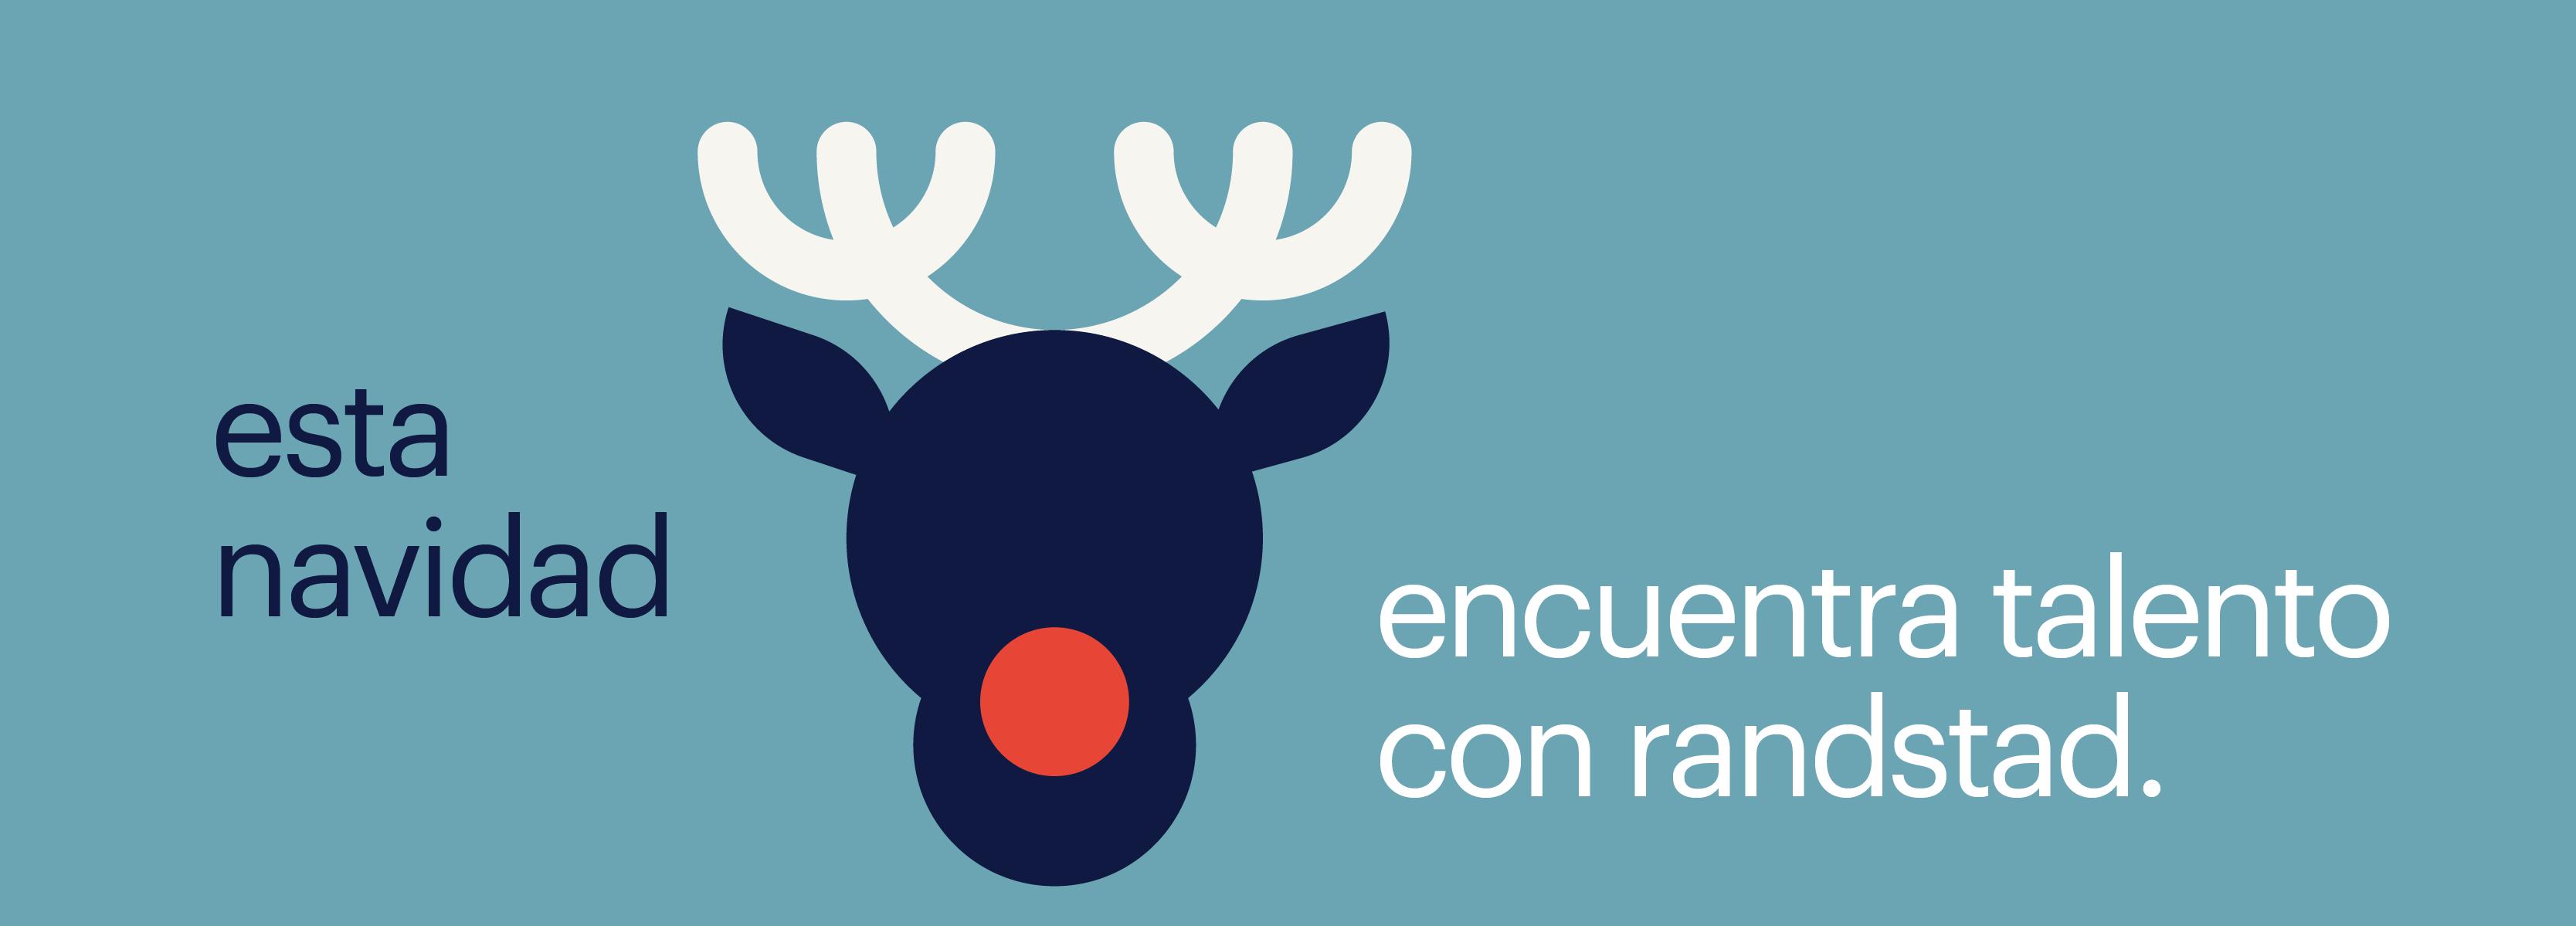 clientes-banner-campaña-navidad